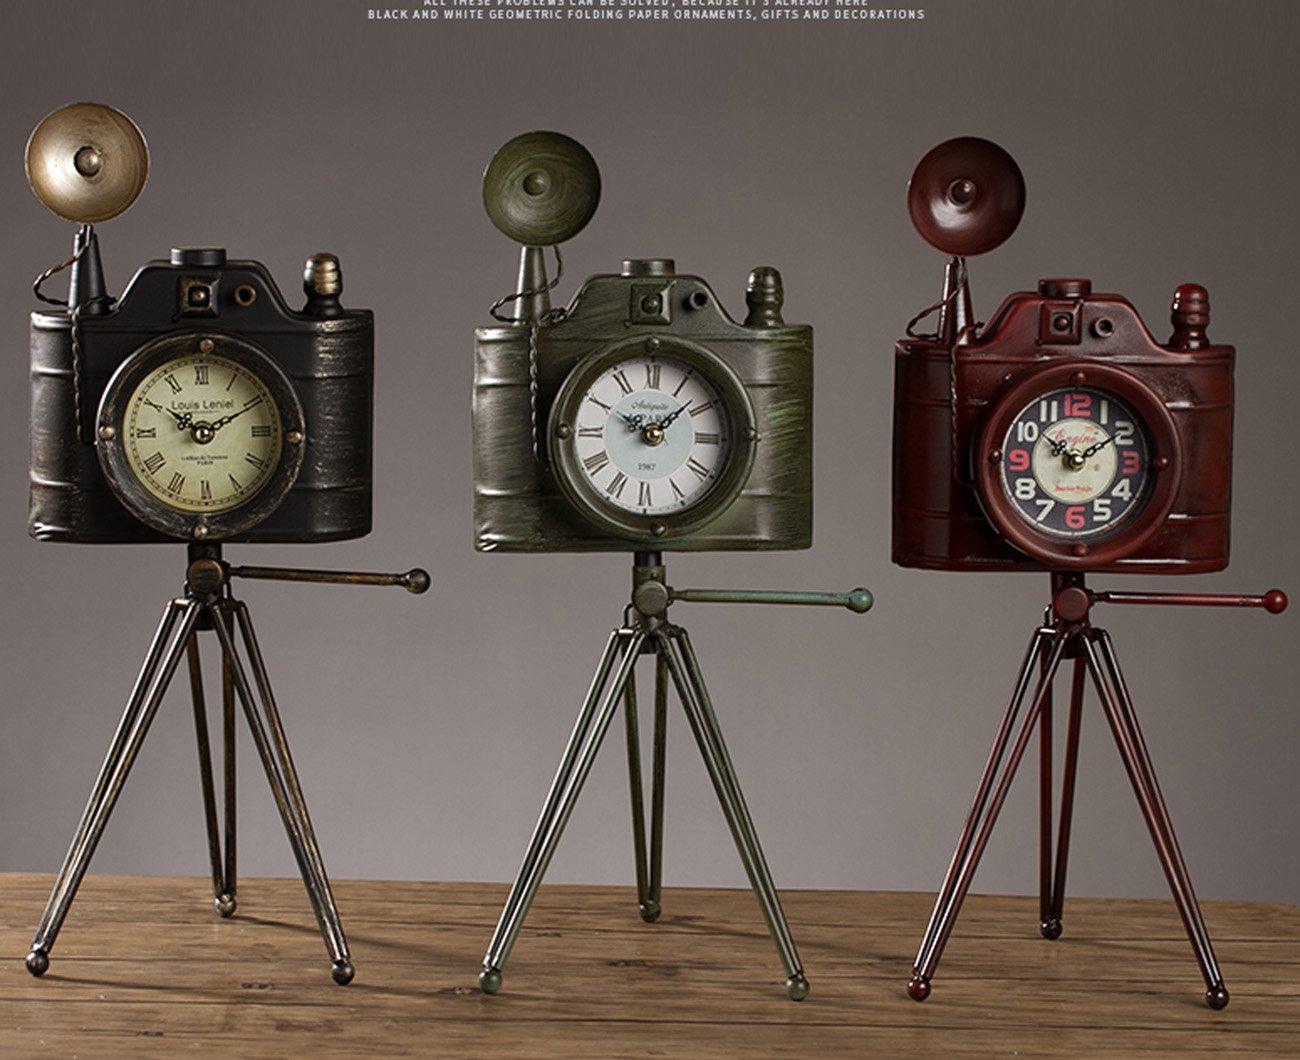 クロック ヴィンテージアイアンカメラモデルクロック、クリエイティブリビングルームのベッドルームサイレントデコレーションテーブル時計、オールドバーカフェショップのウィンドウの装飾棚の時計(24 * 19 * 49センチメートル) ウォールオーナメント (色 : 緑) B07F5RKJJB 緑 緑